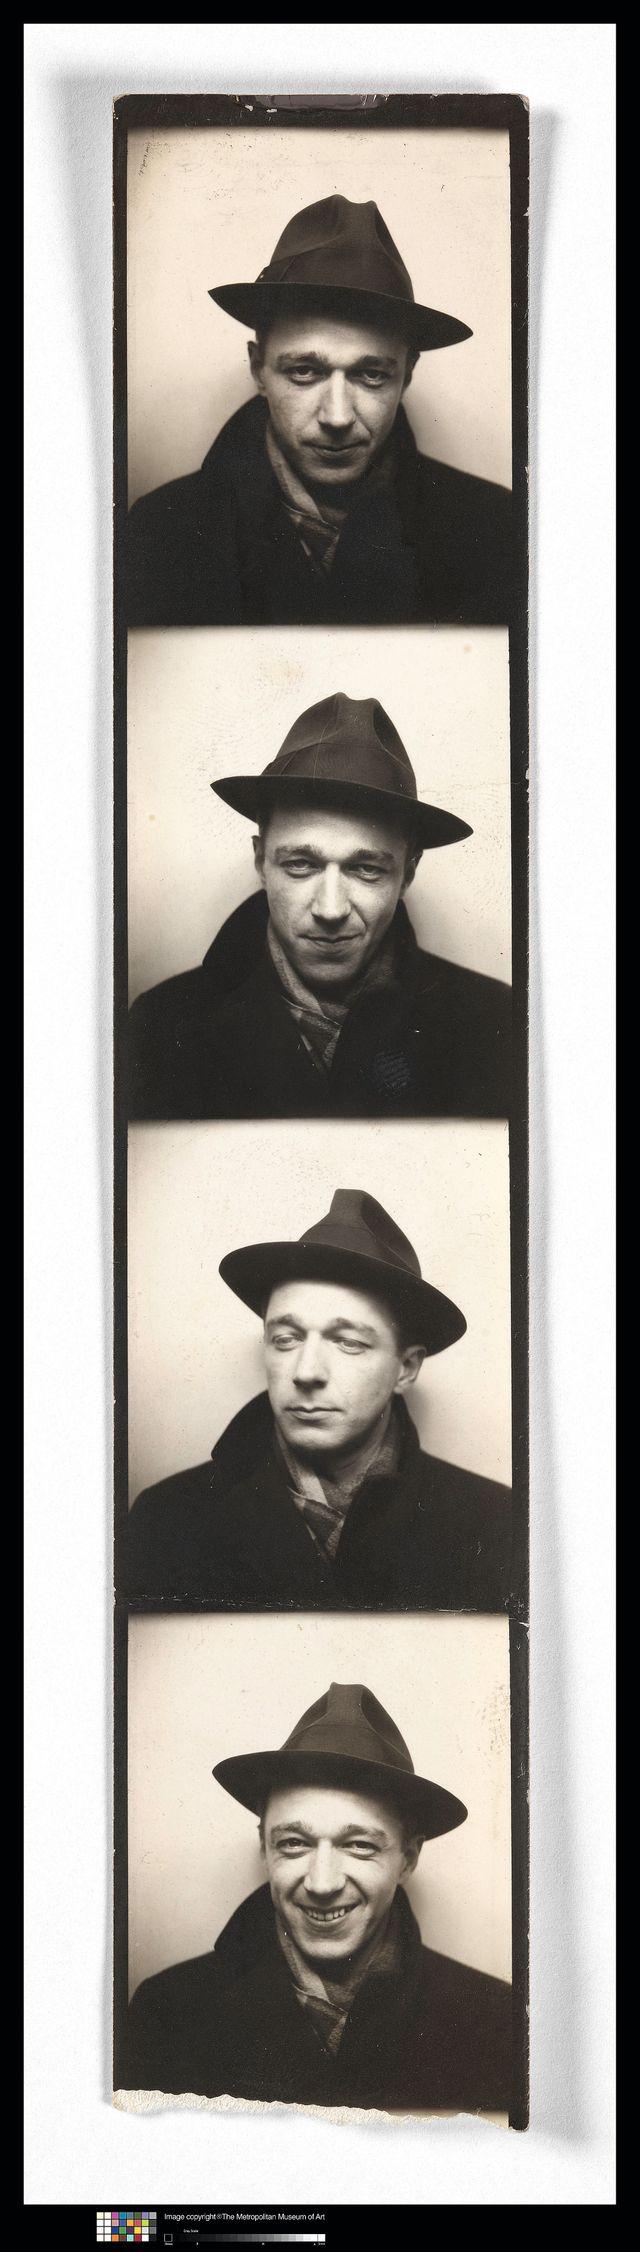 Walker Evans Self-Portrait in Automated Photobooth années 1930 Épreuve gélatino-argentique